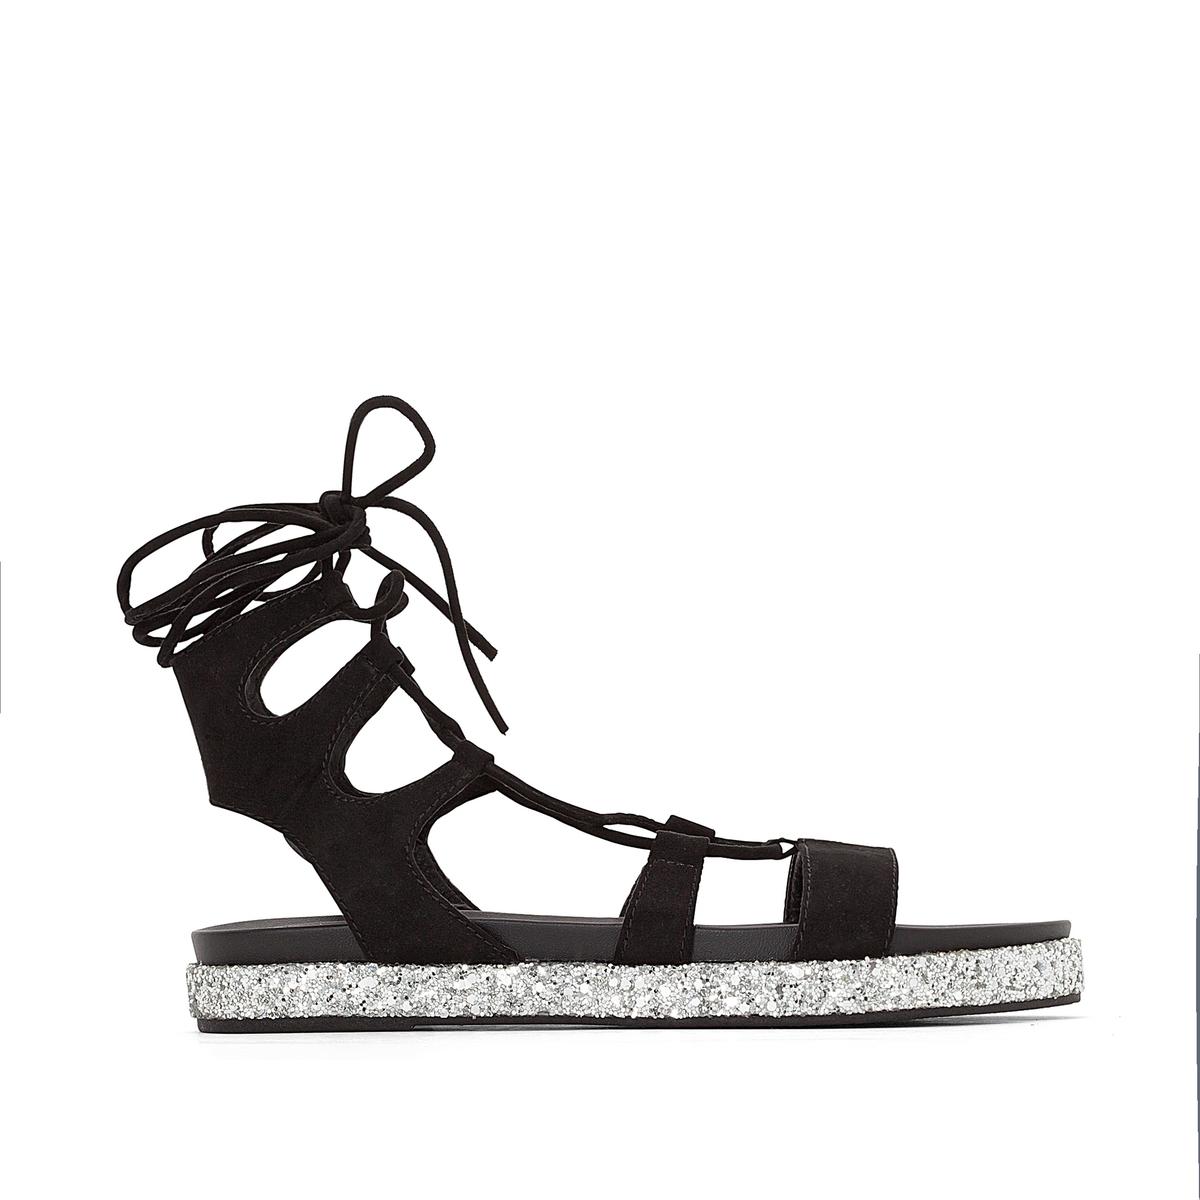 Сандалии плоские высокие S382C-11Верх : текстиль   Подкладка : синтетика   Стелька : синтетика   Подошва : синтетика   Высота каблука : 2 см   Форма каблука : плоский каблук   Мысок : закругленный мысок  Застежка : завязки<br><br>Цвет: черный